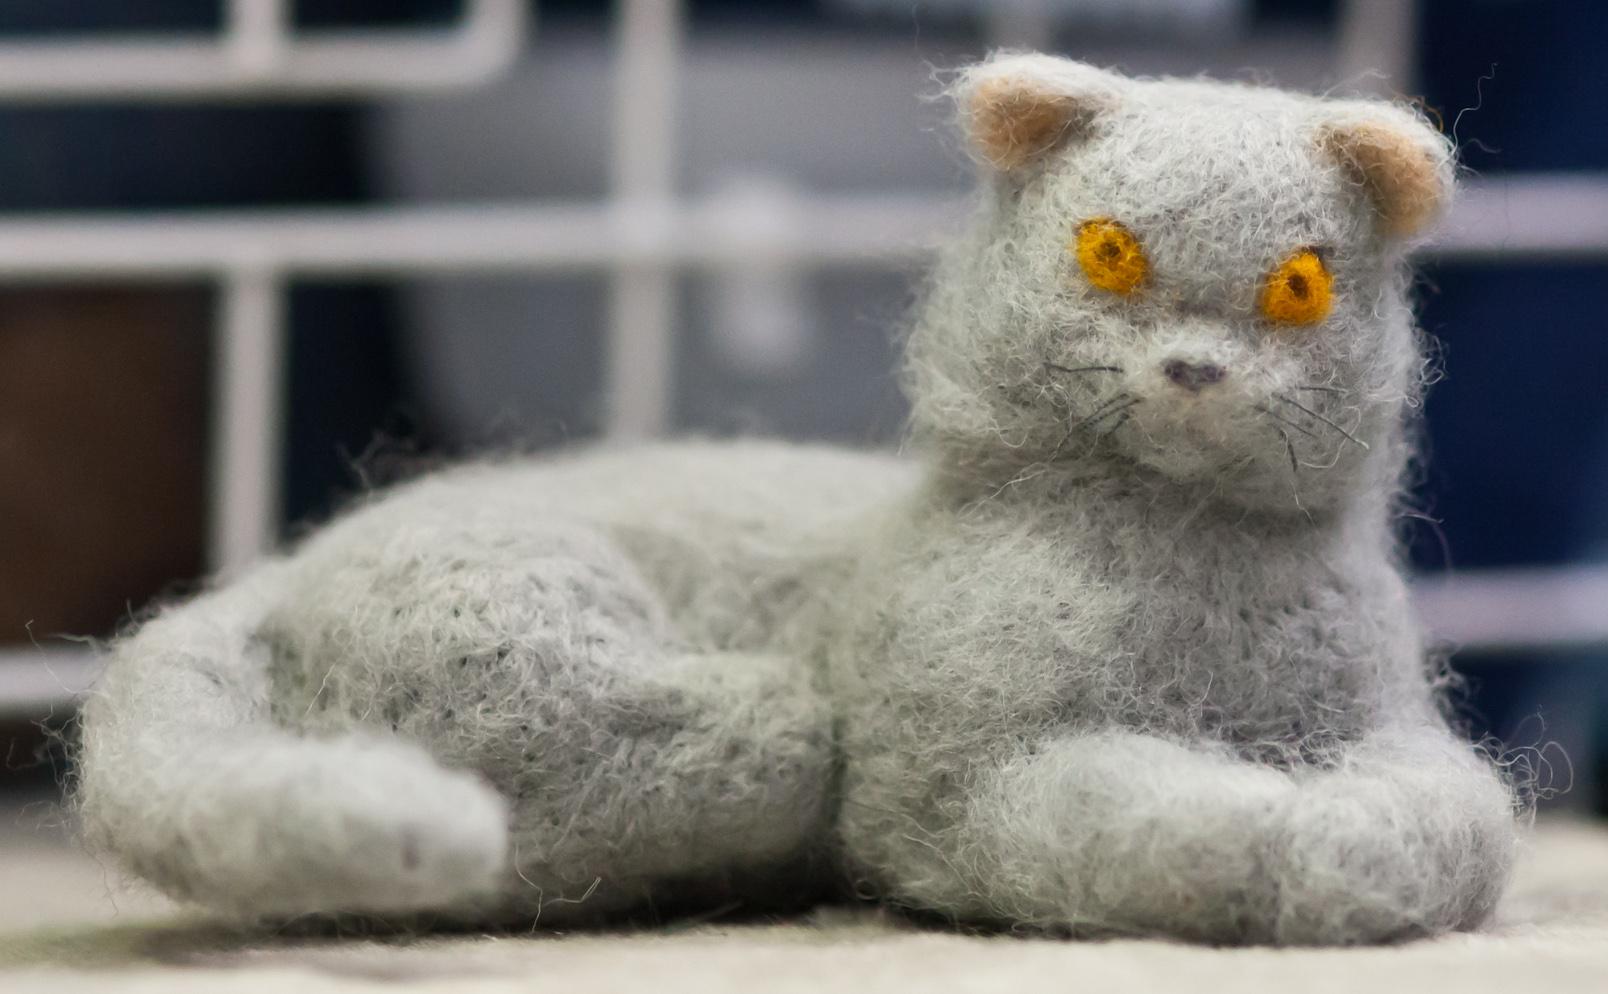 näyttelyn pienin kissa, kuva 188091, 14.1.2012